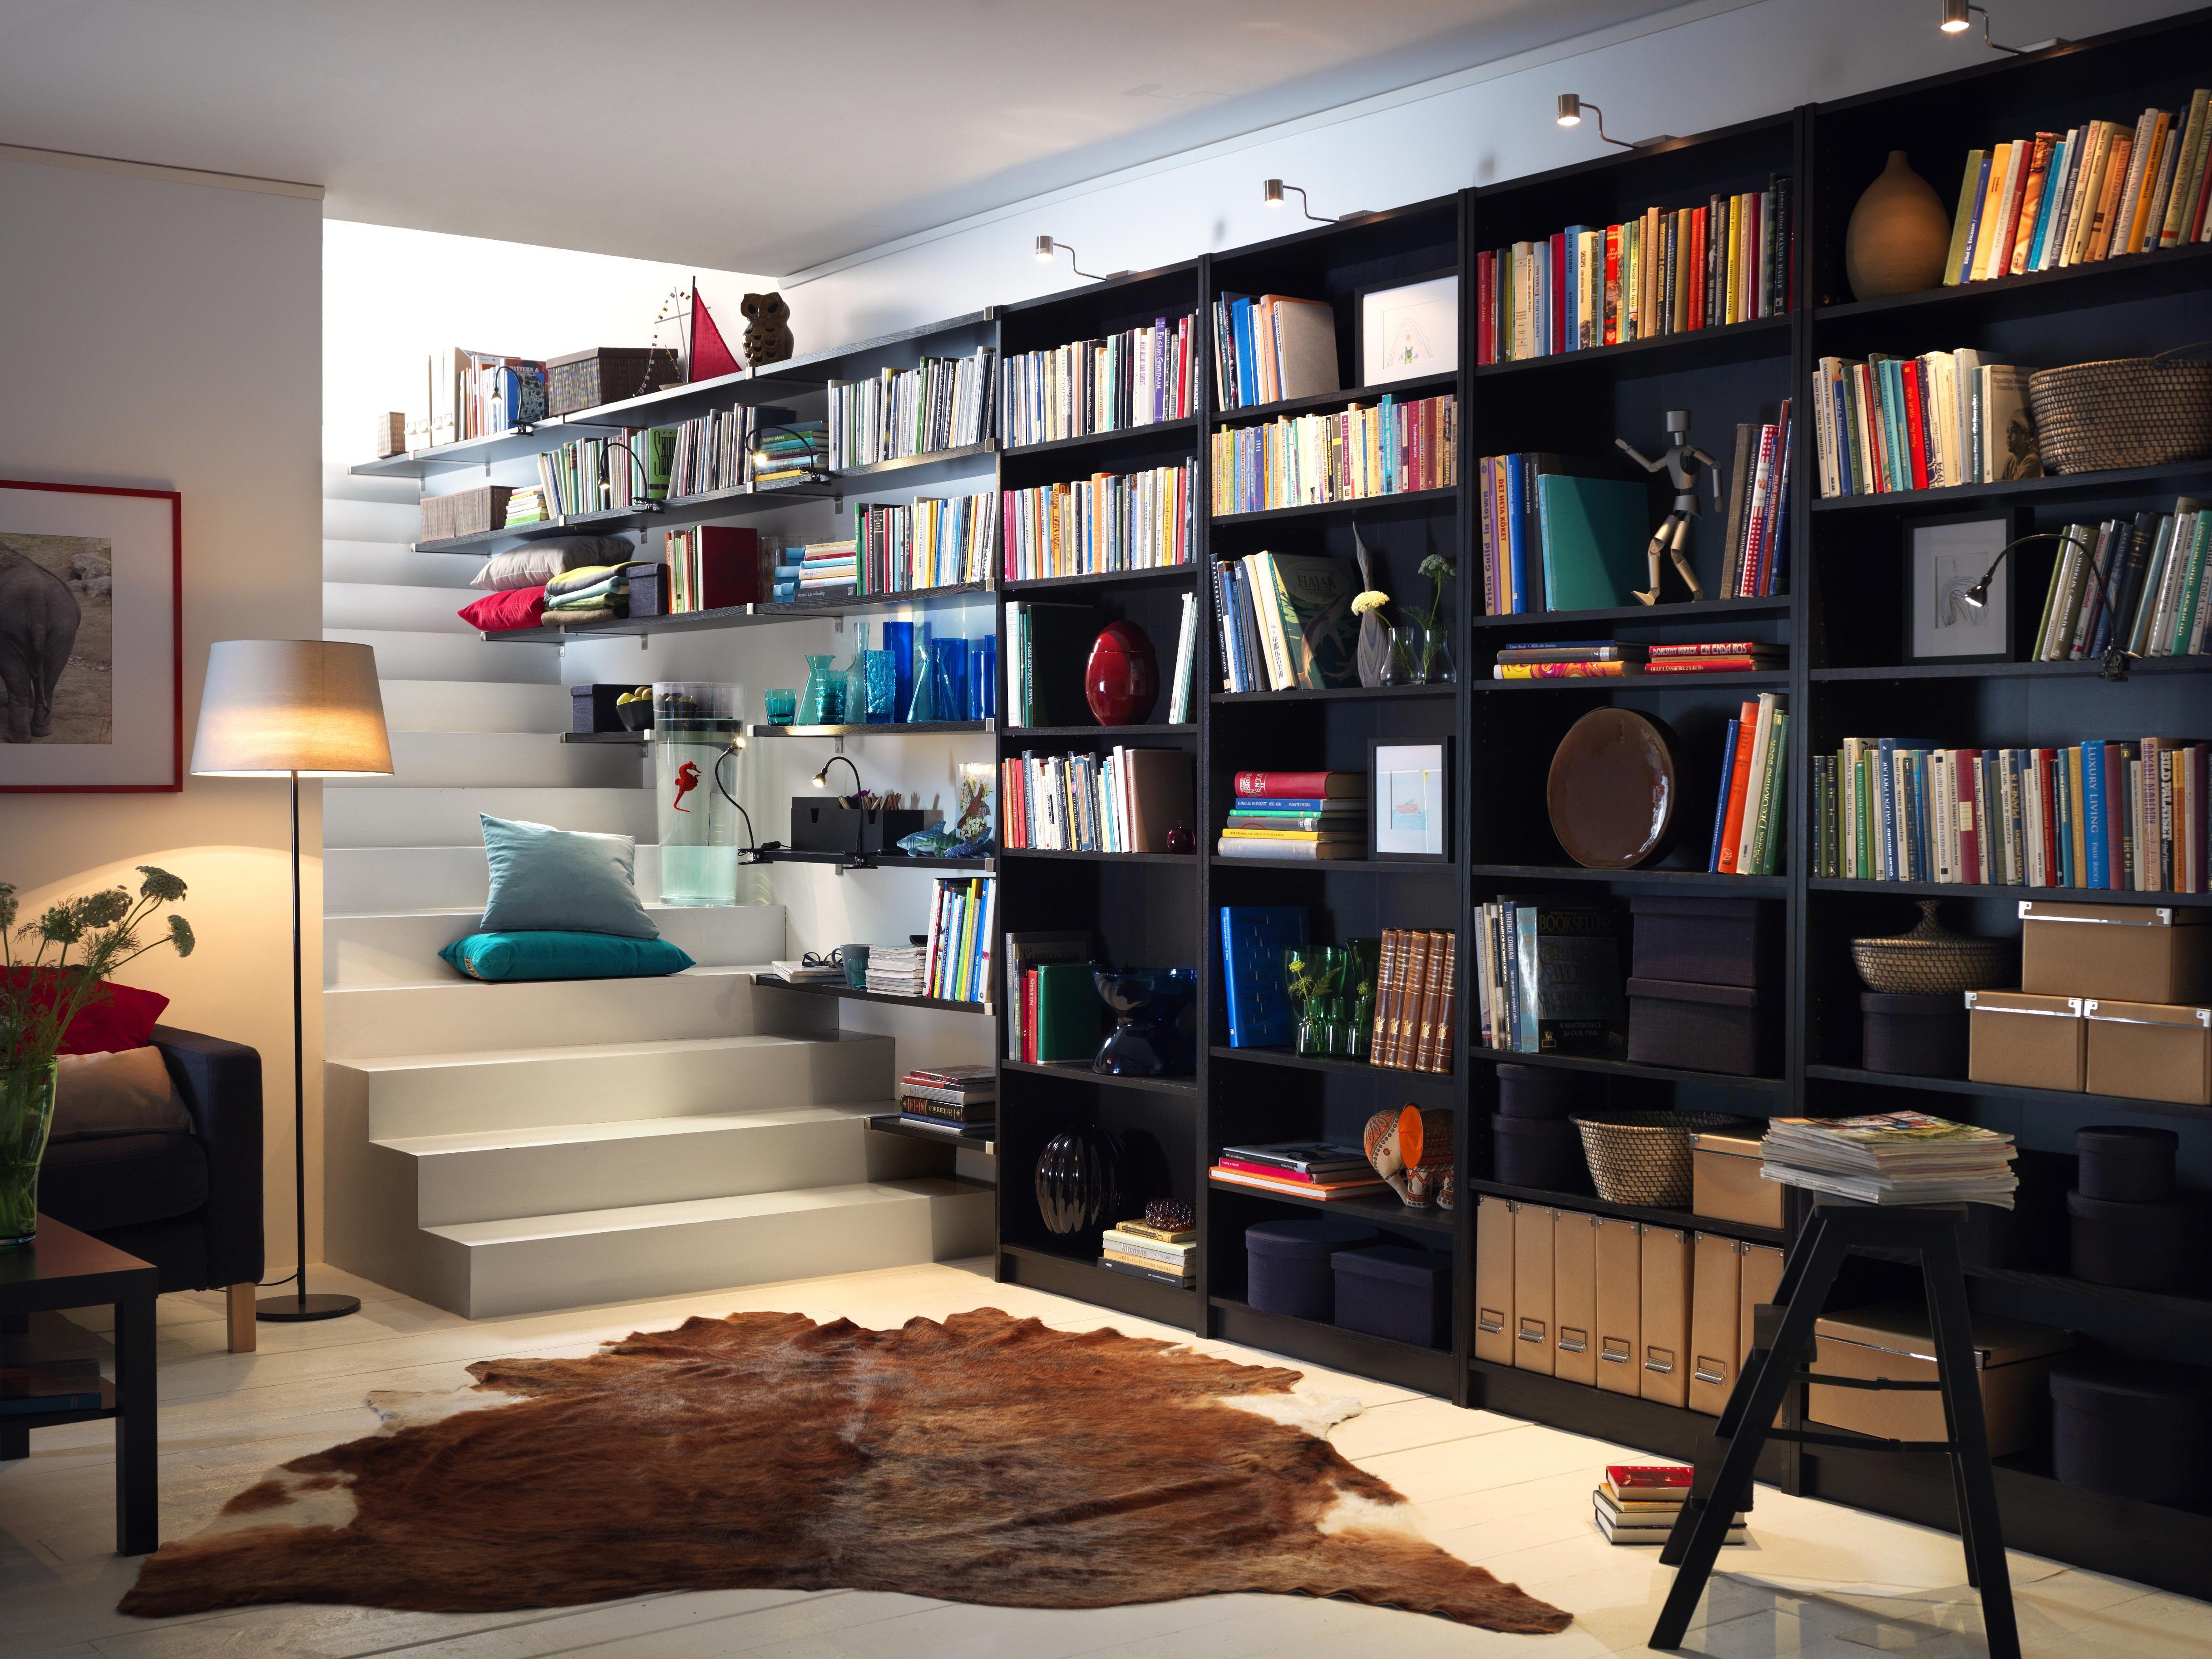 pintar las estanterías del salón para renovarlo